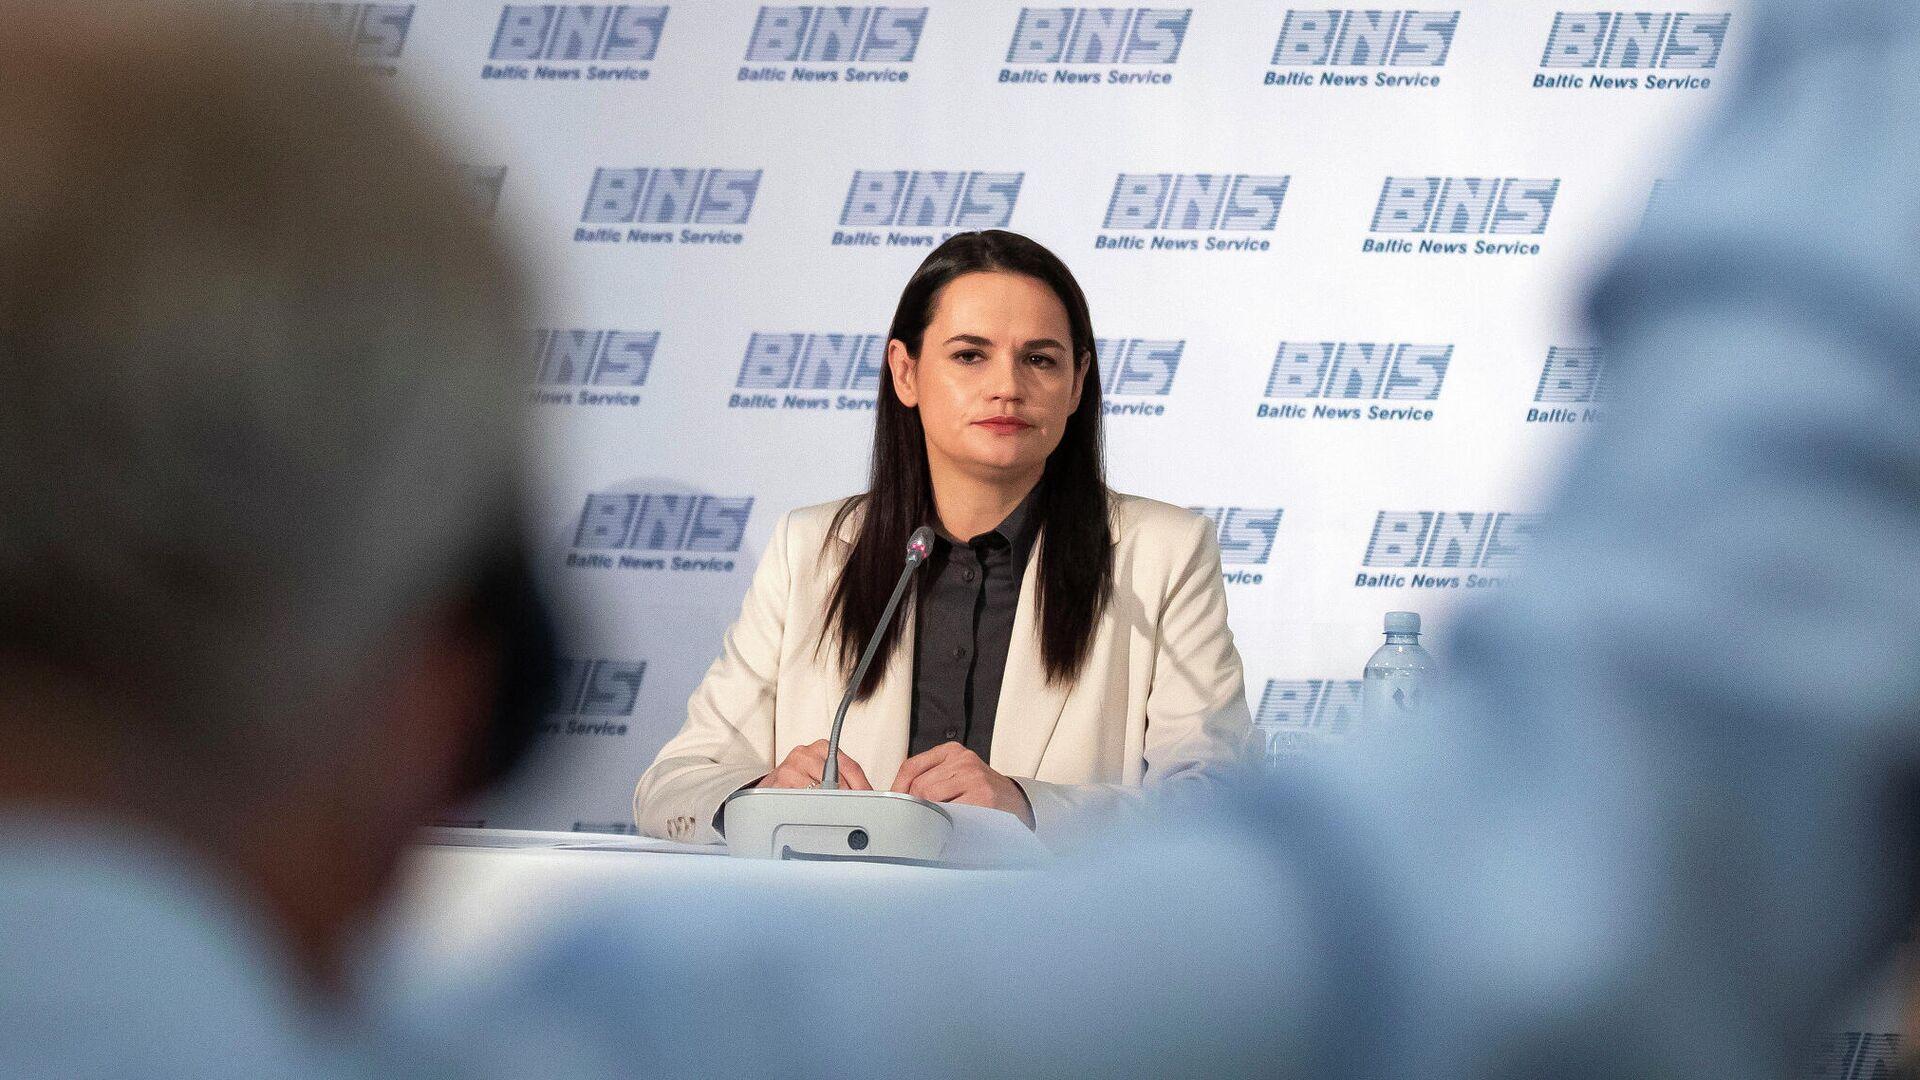 Светлана Тихановская во время пресс-конференции в Вильнюсе, Литва - РИА Новости, 1920, 15.09.2020